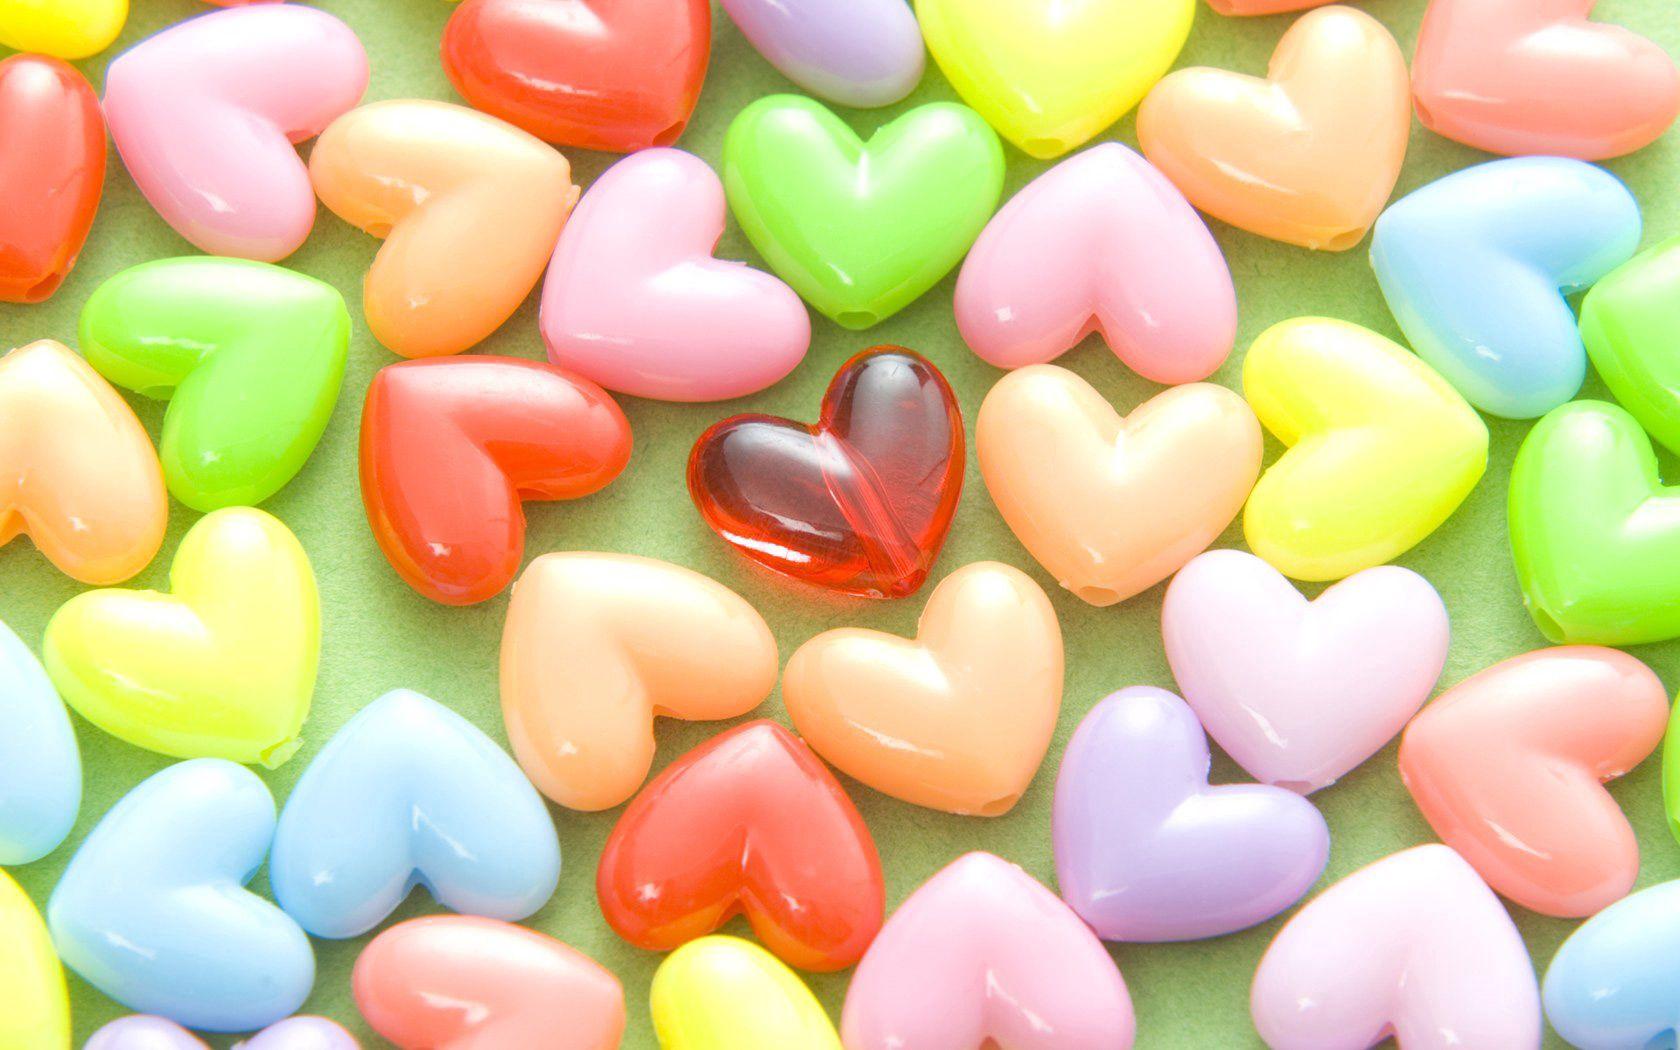 84298 Hintergrundbild herunterladen Herzen, Liebe, Mehrfarbig, Motley, Perlen - Bildschirmschoner und Bilder kostenlos